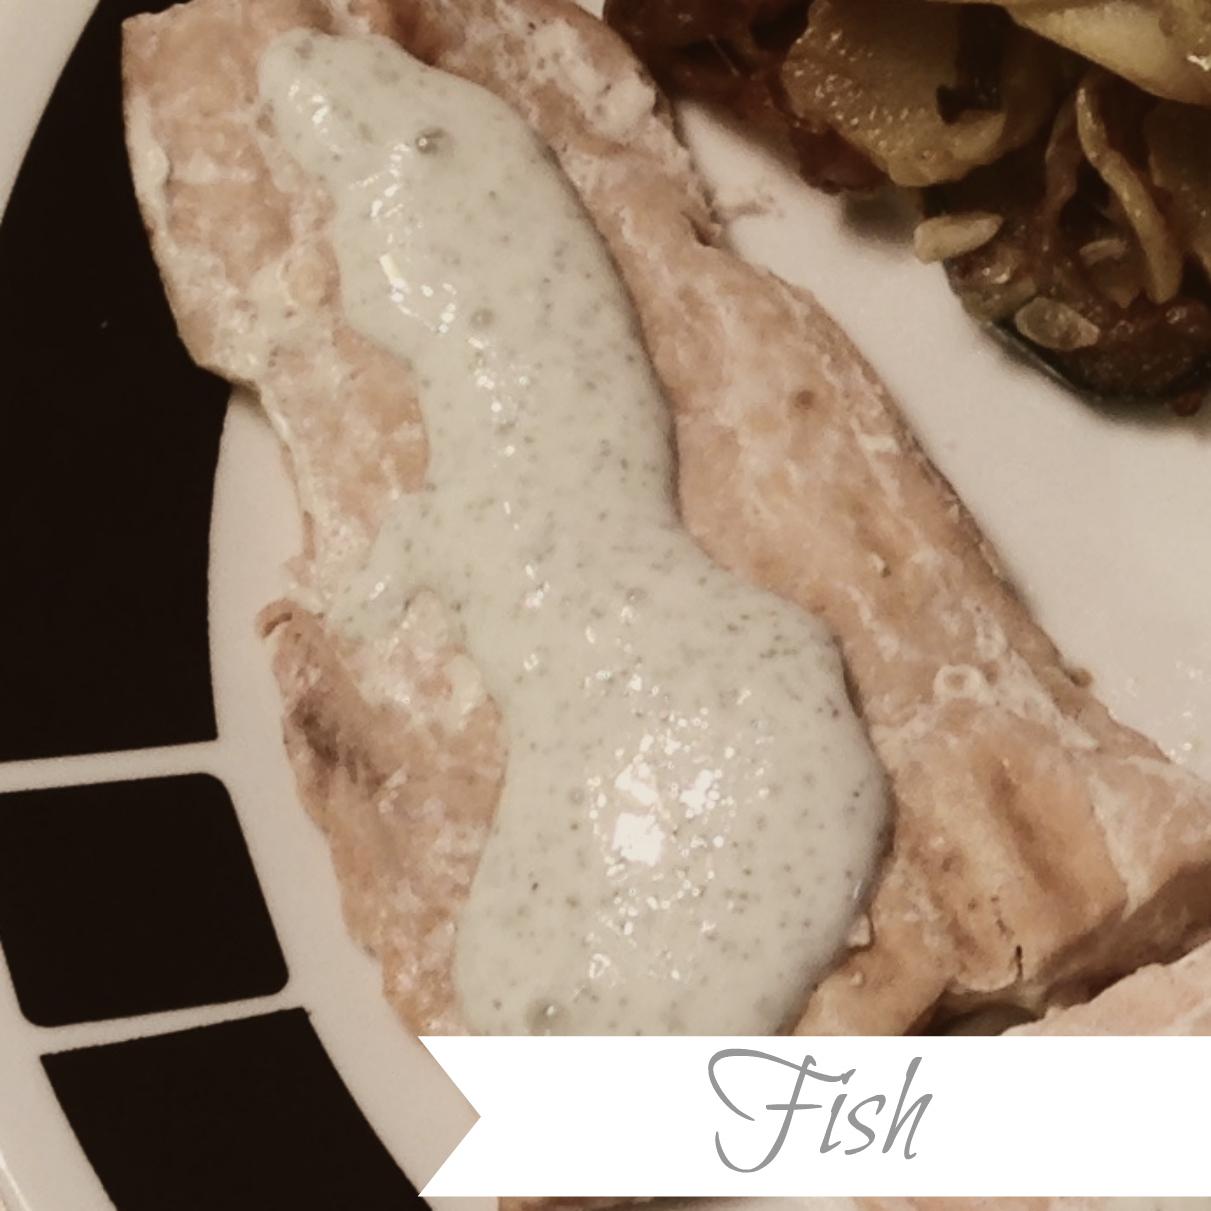 http://www.jenniferfrisk.com/p/fish-recipes.html